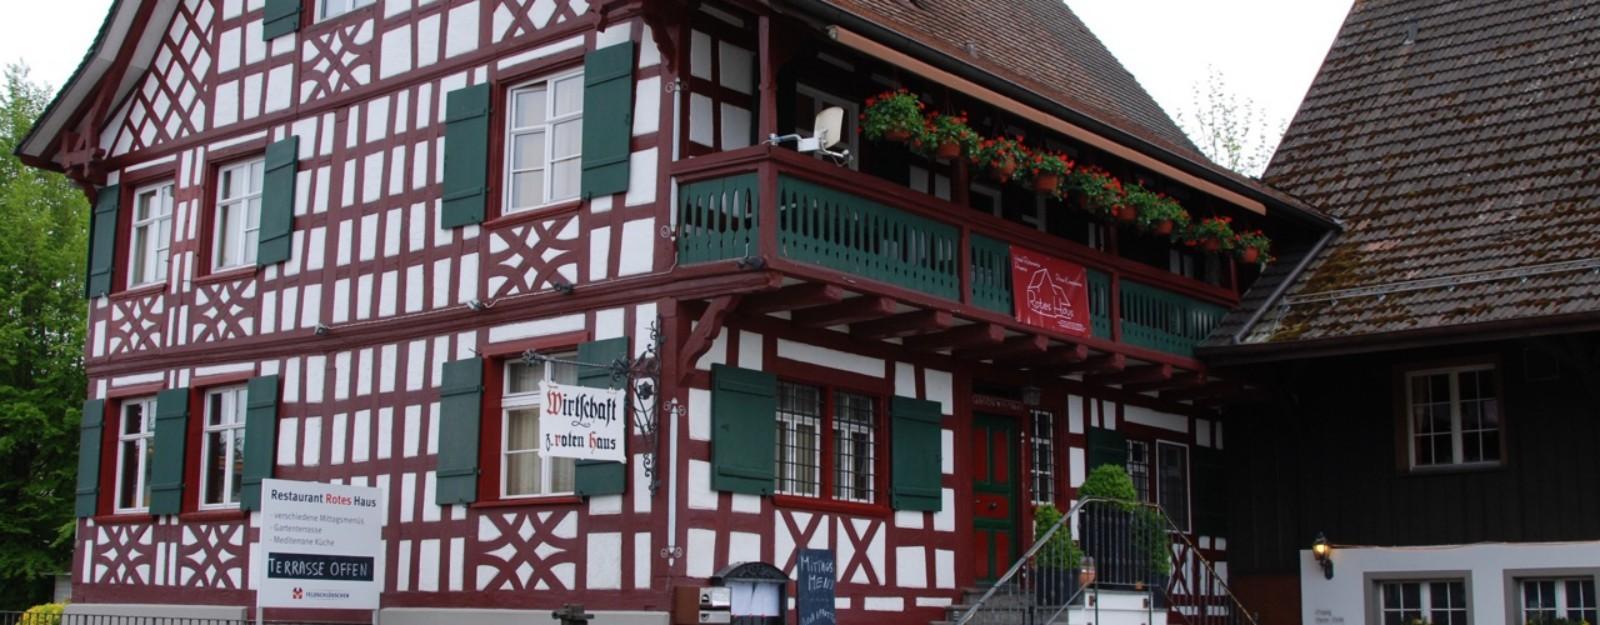 Rotes Haus Restaurants Landschlacht Schweiz TEL